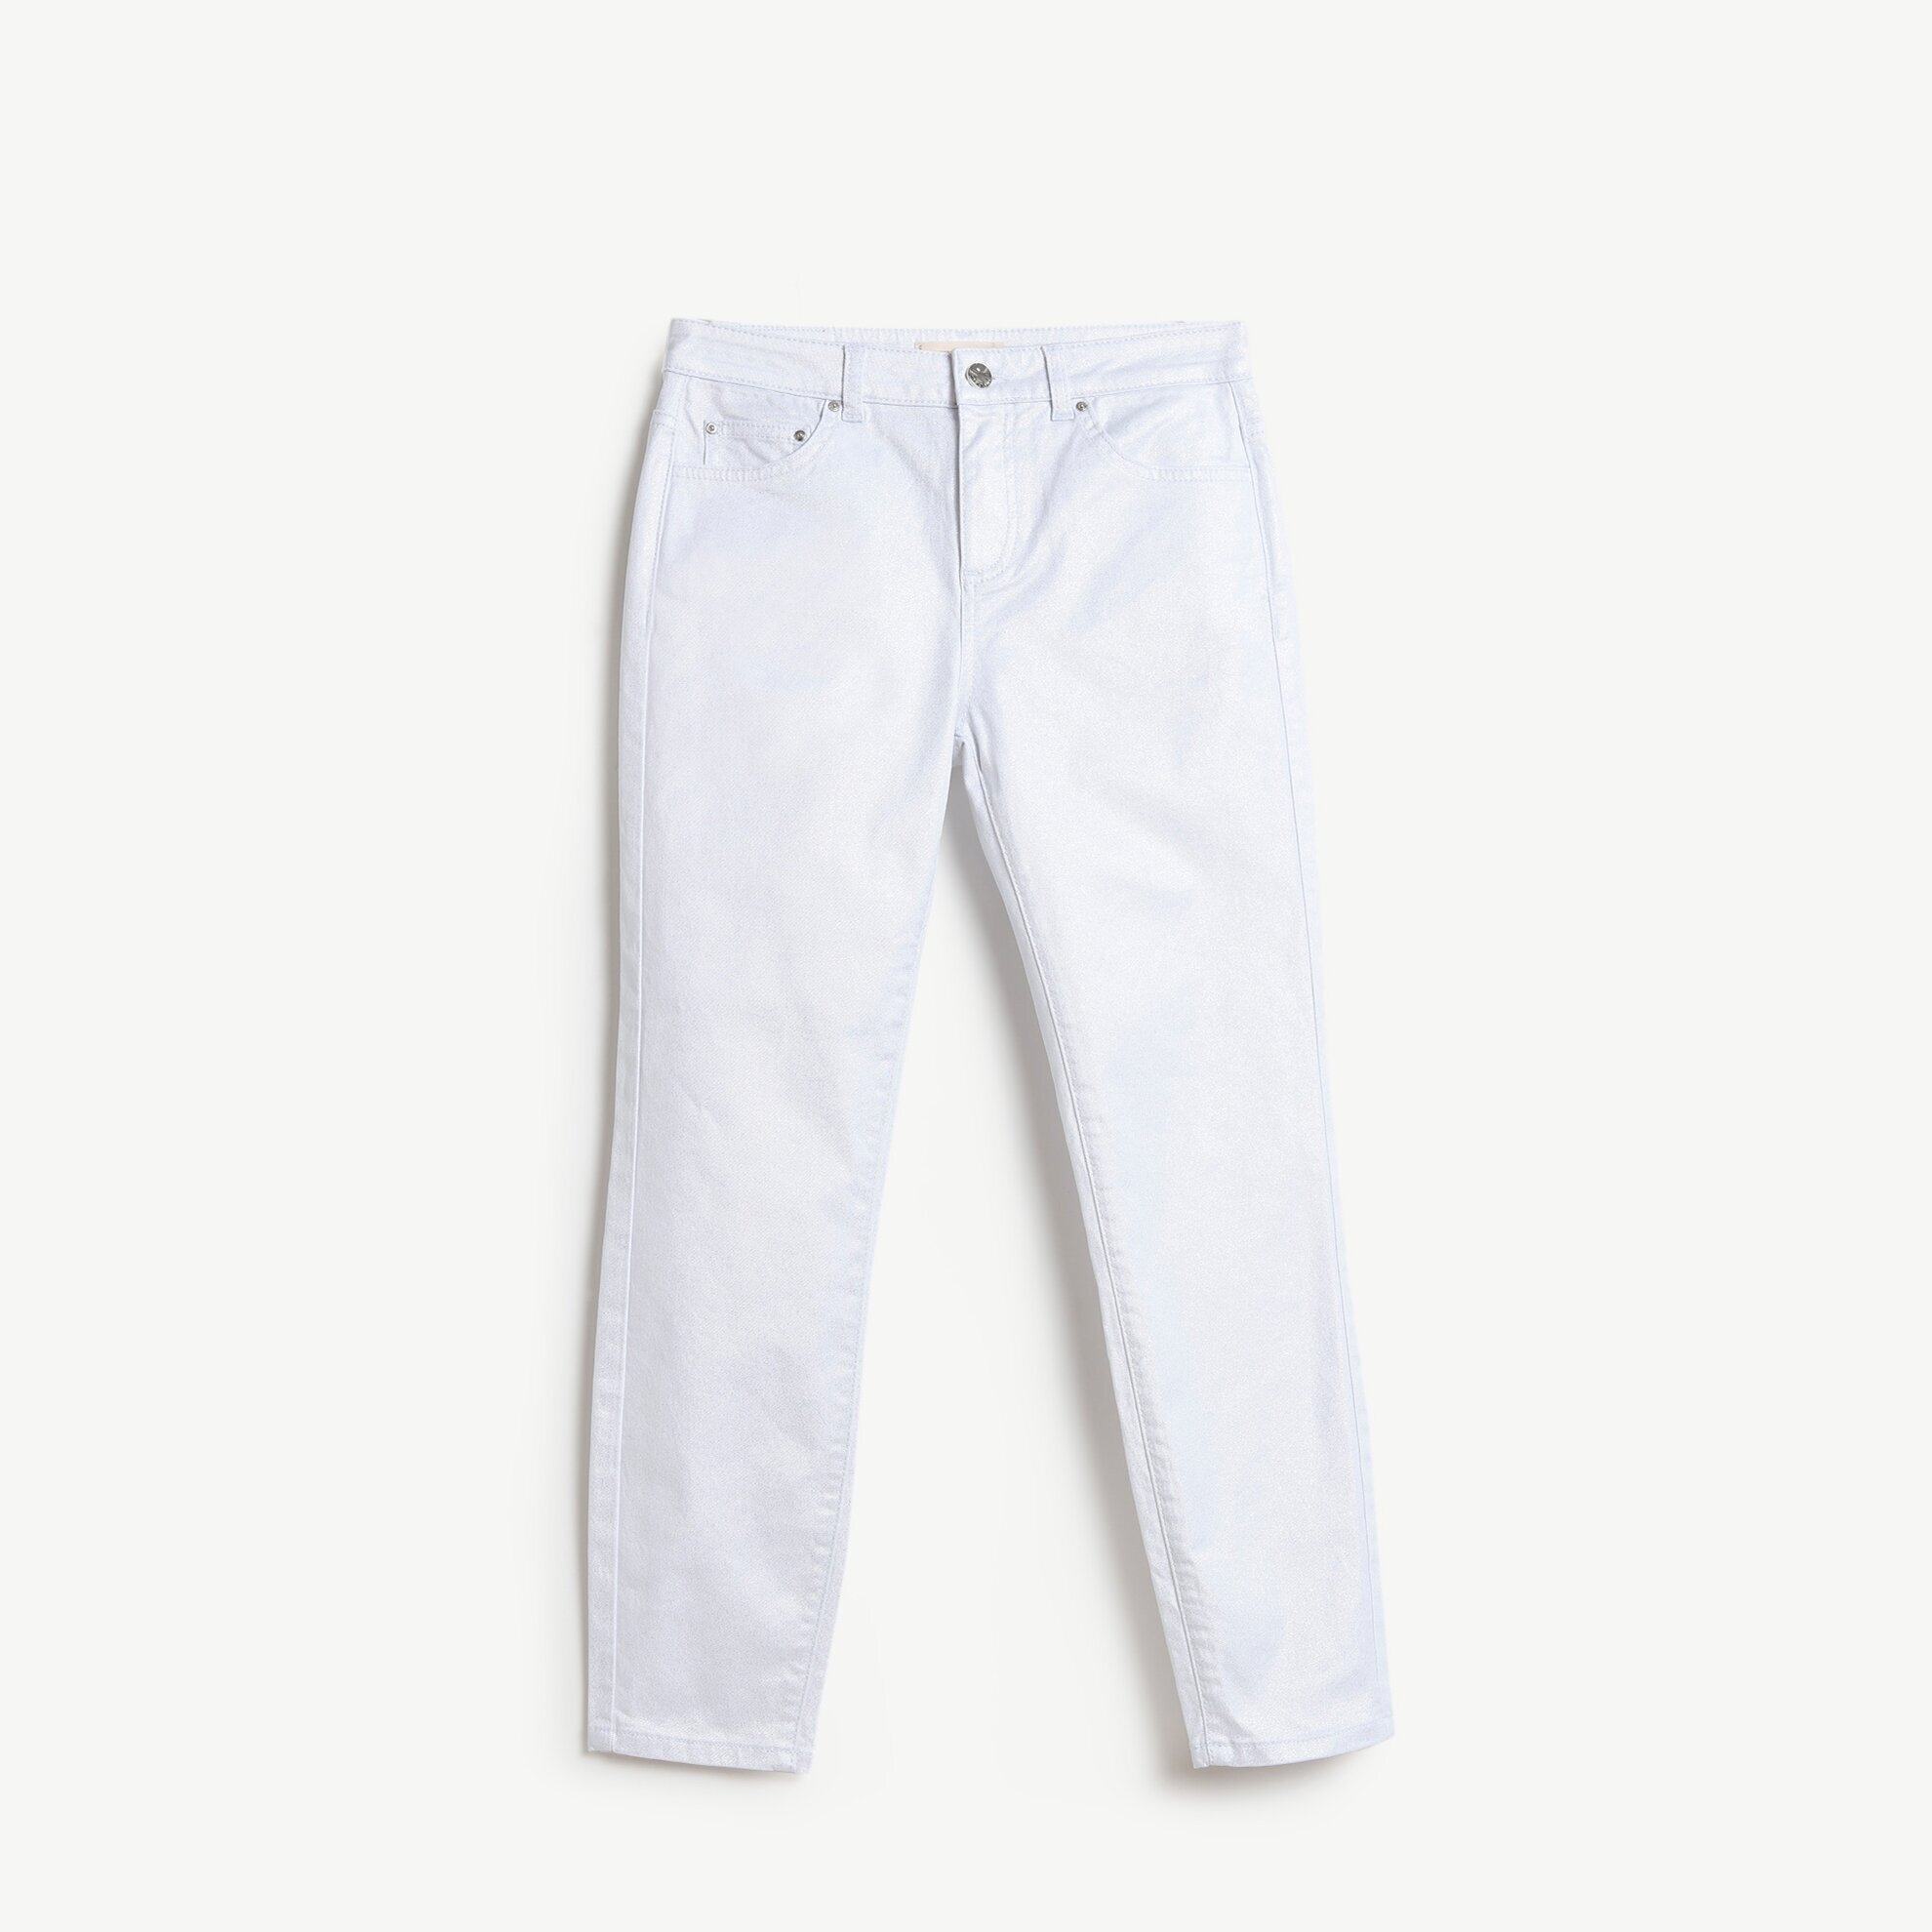 Parlak Pantolon